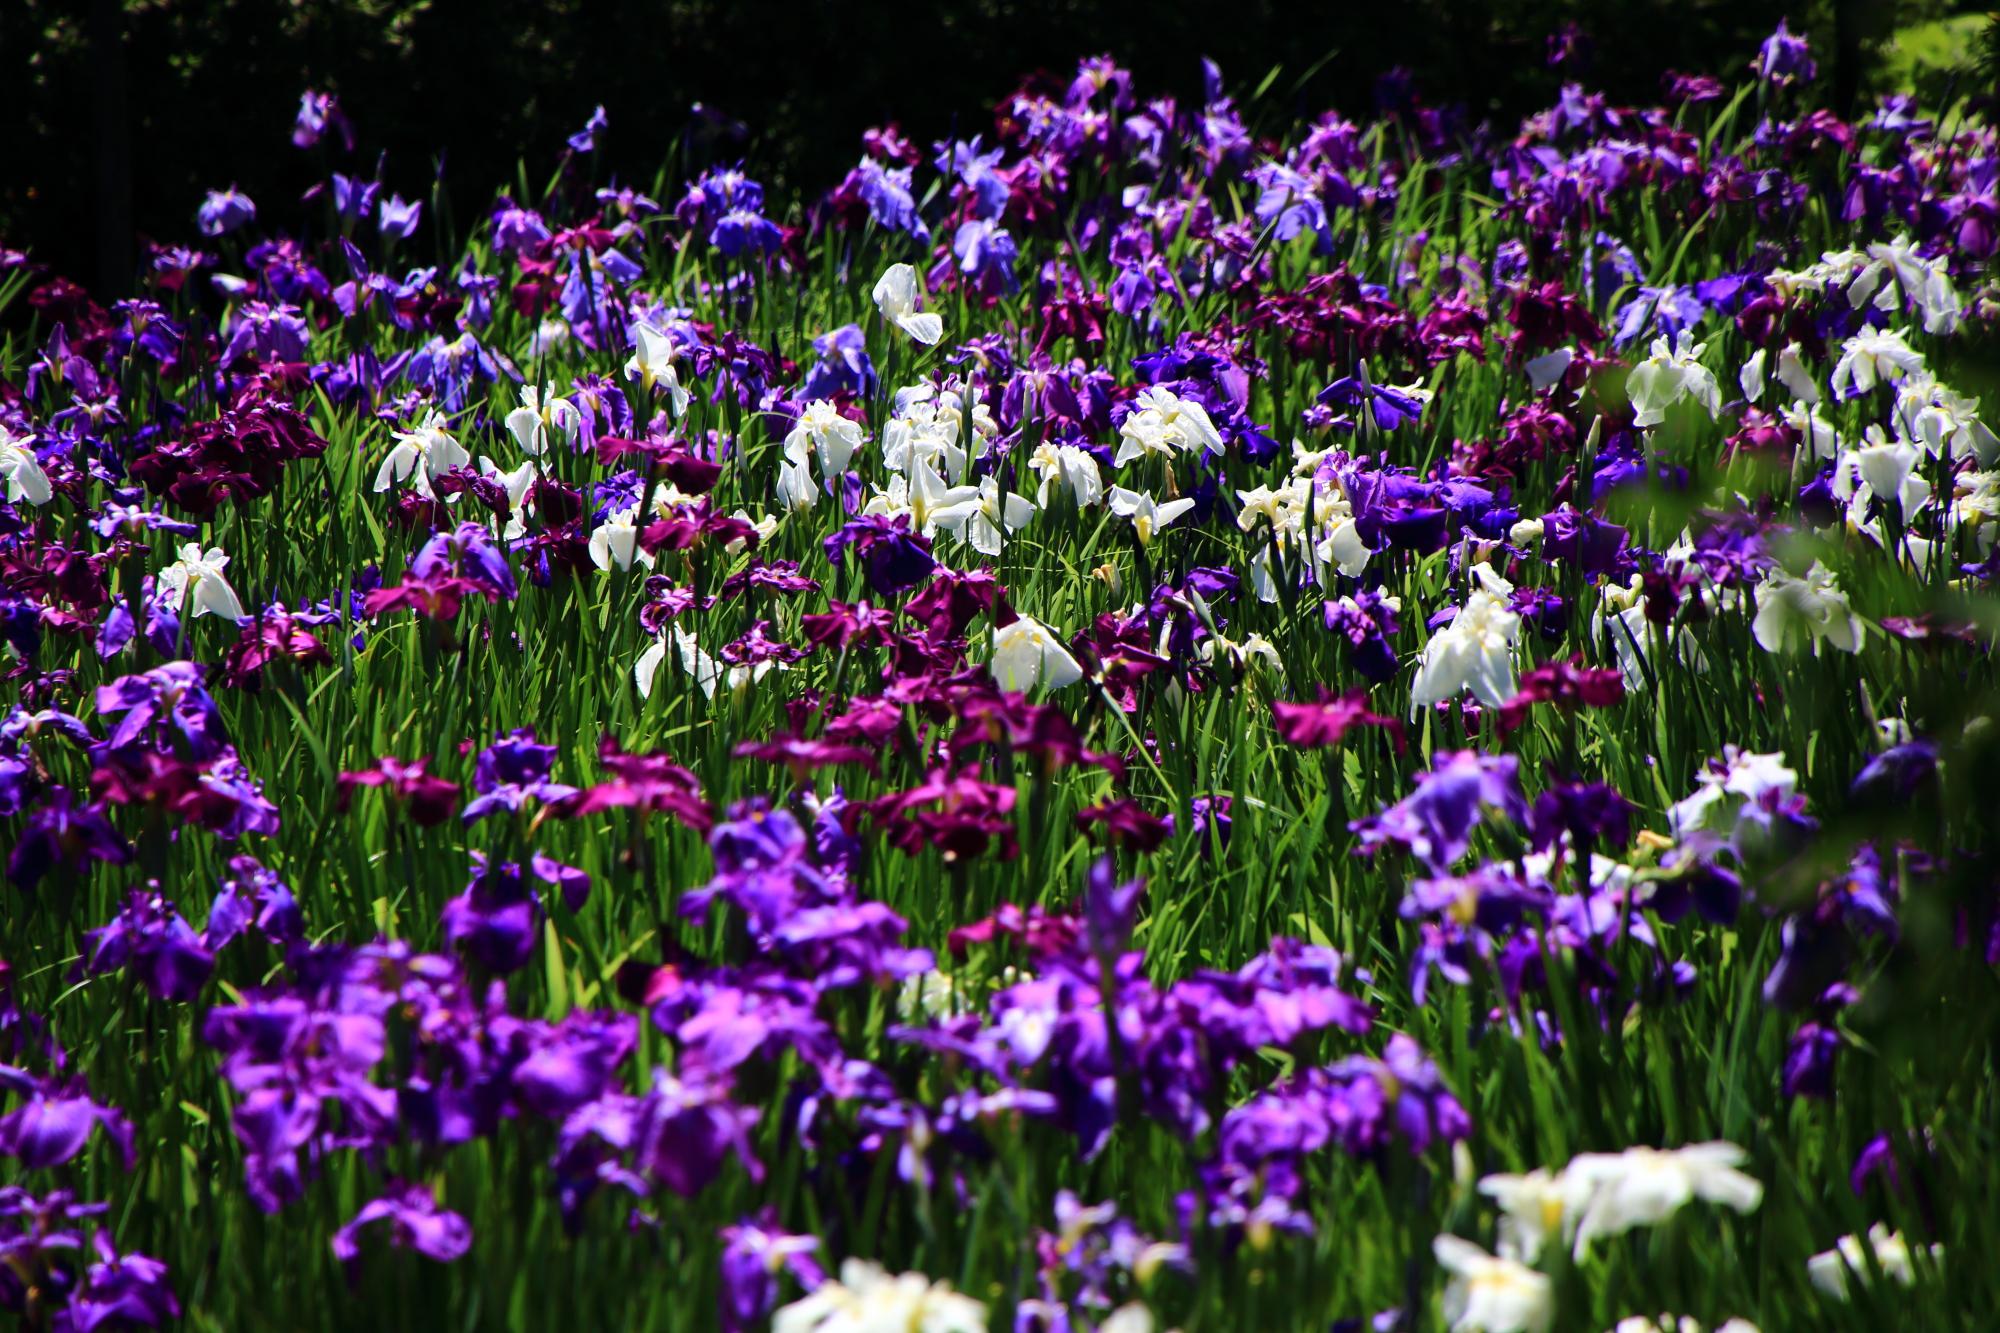 梅宮大社の素晴らしい花菖蒲や睡蓮や紫陽花